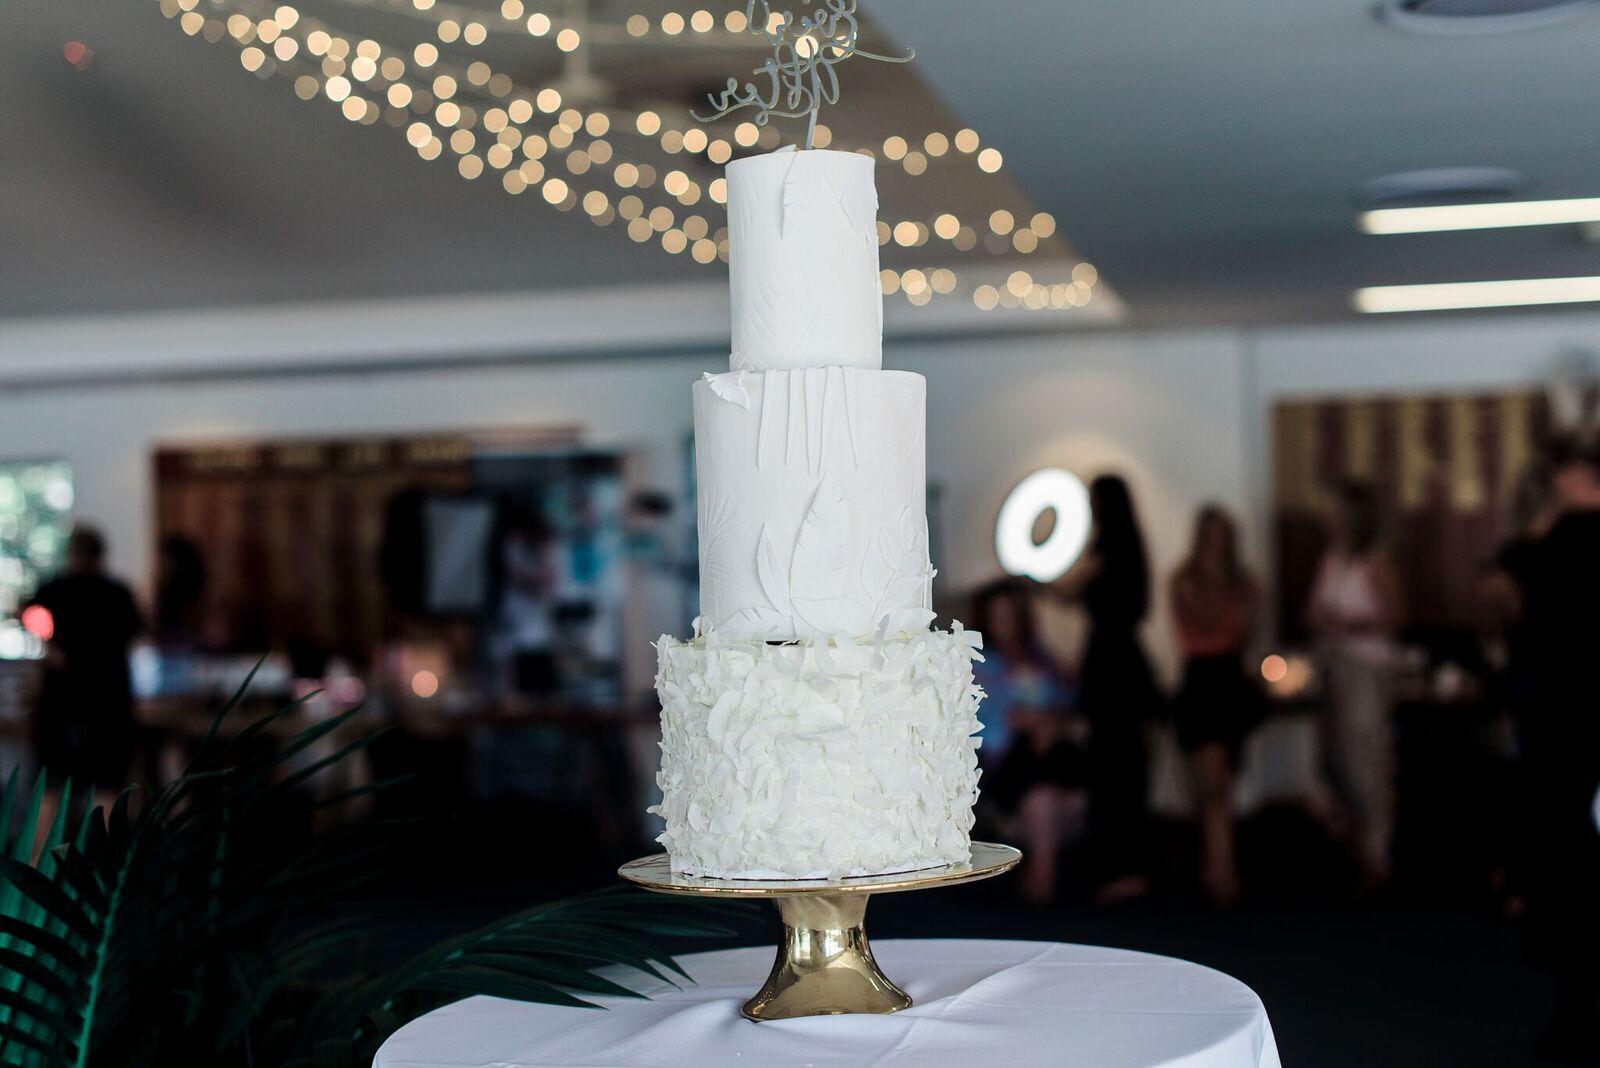 GOLD COAST WEDDING CAKE BAKED GC